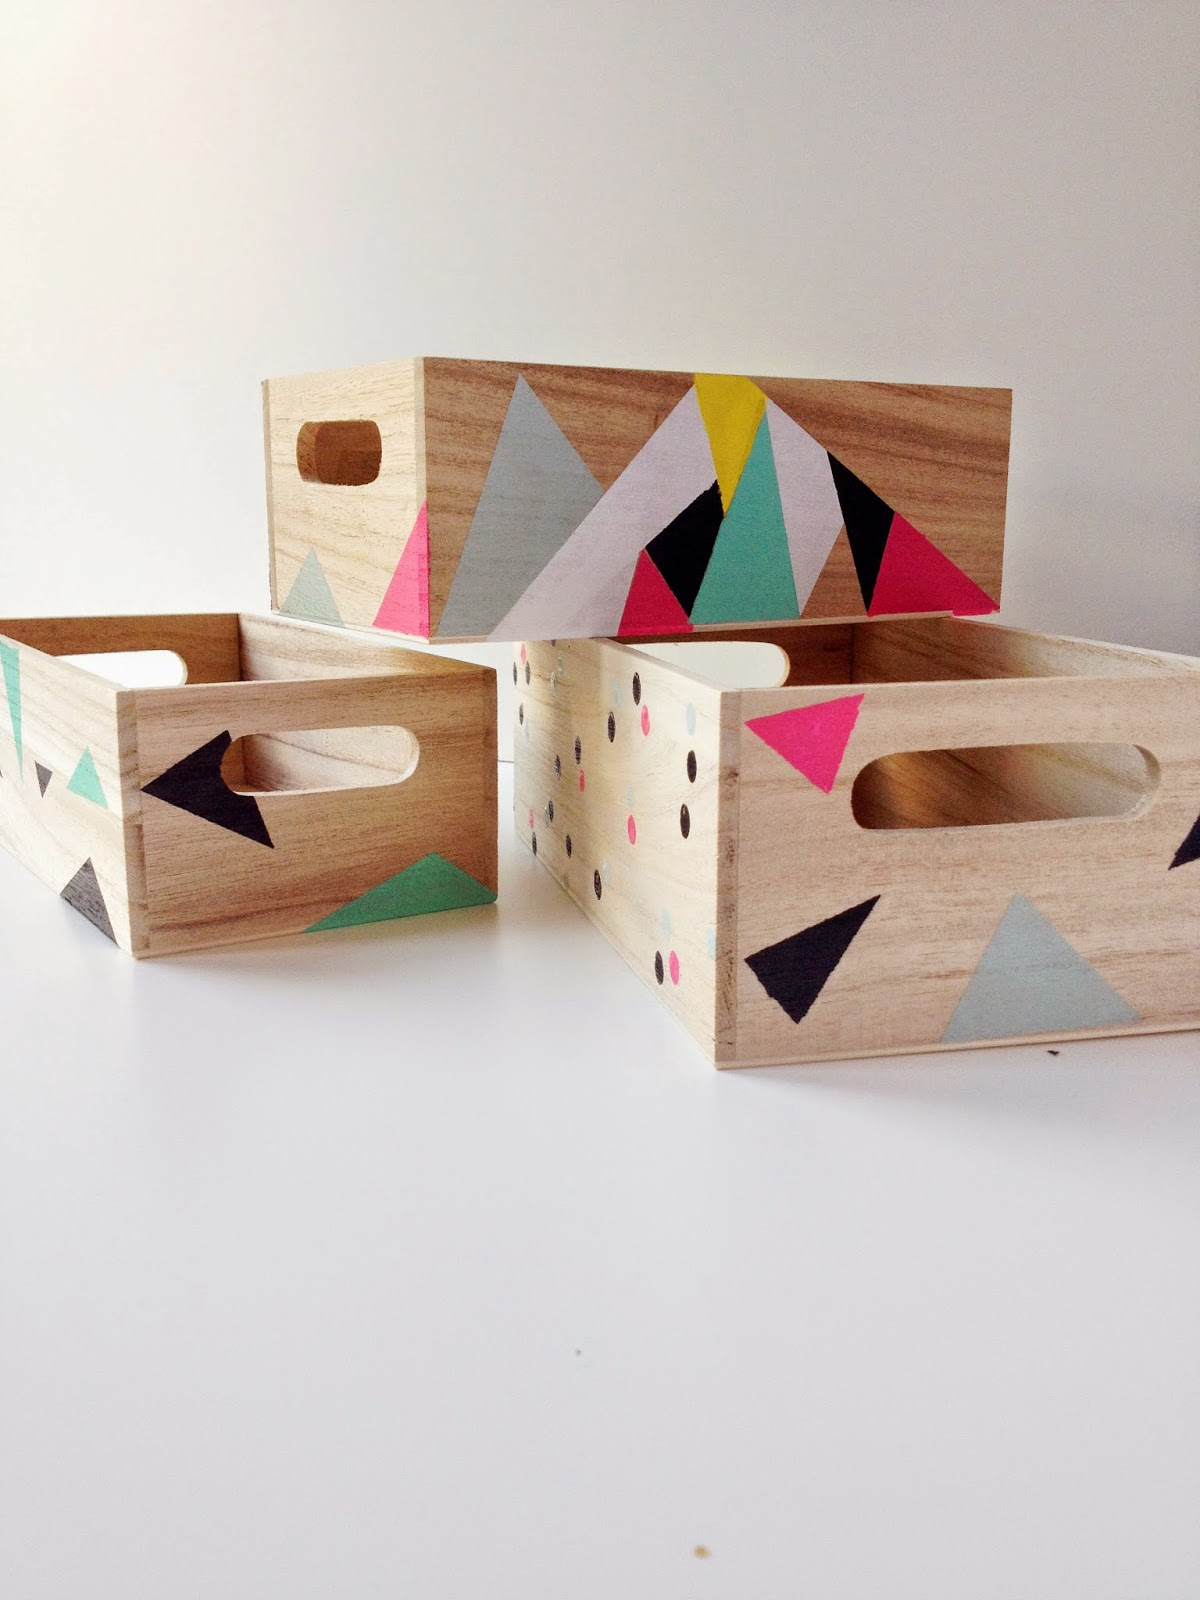 Martu alterada diy pinta tus cajas de madera - Cajas madera para decorar ...